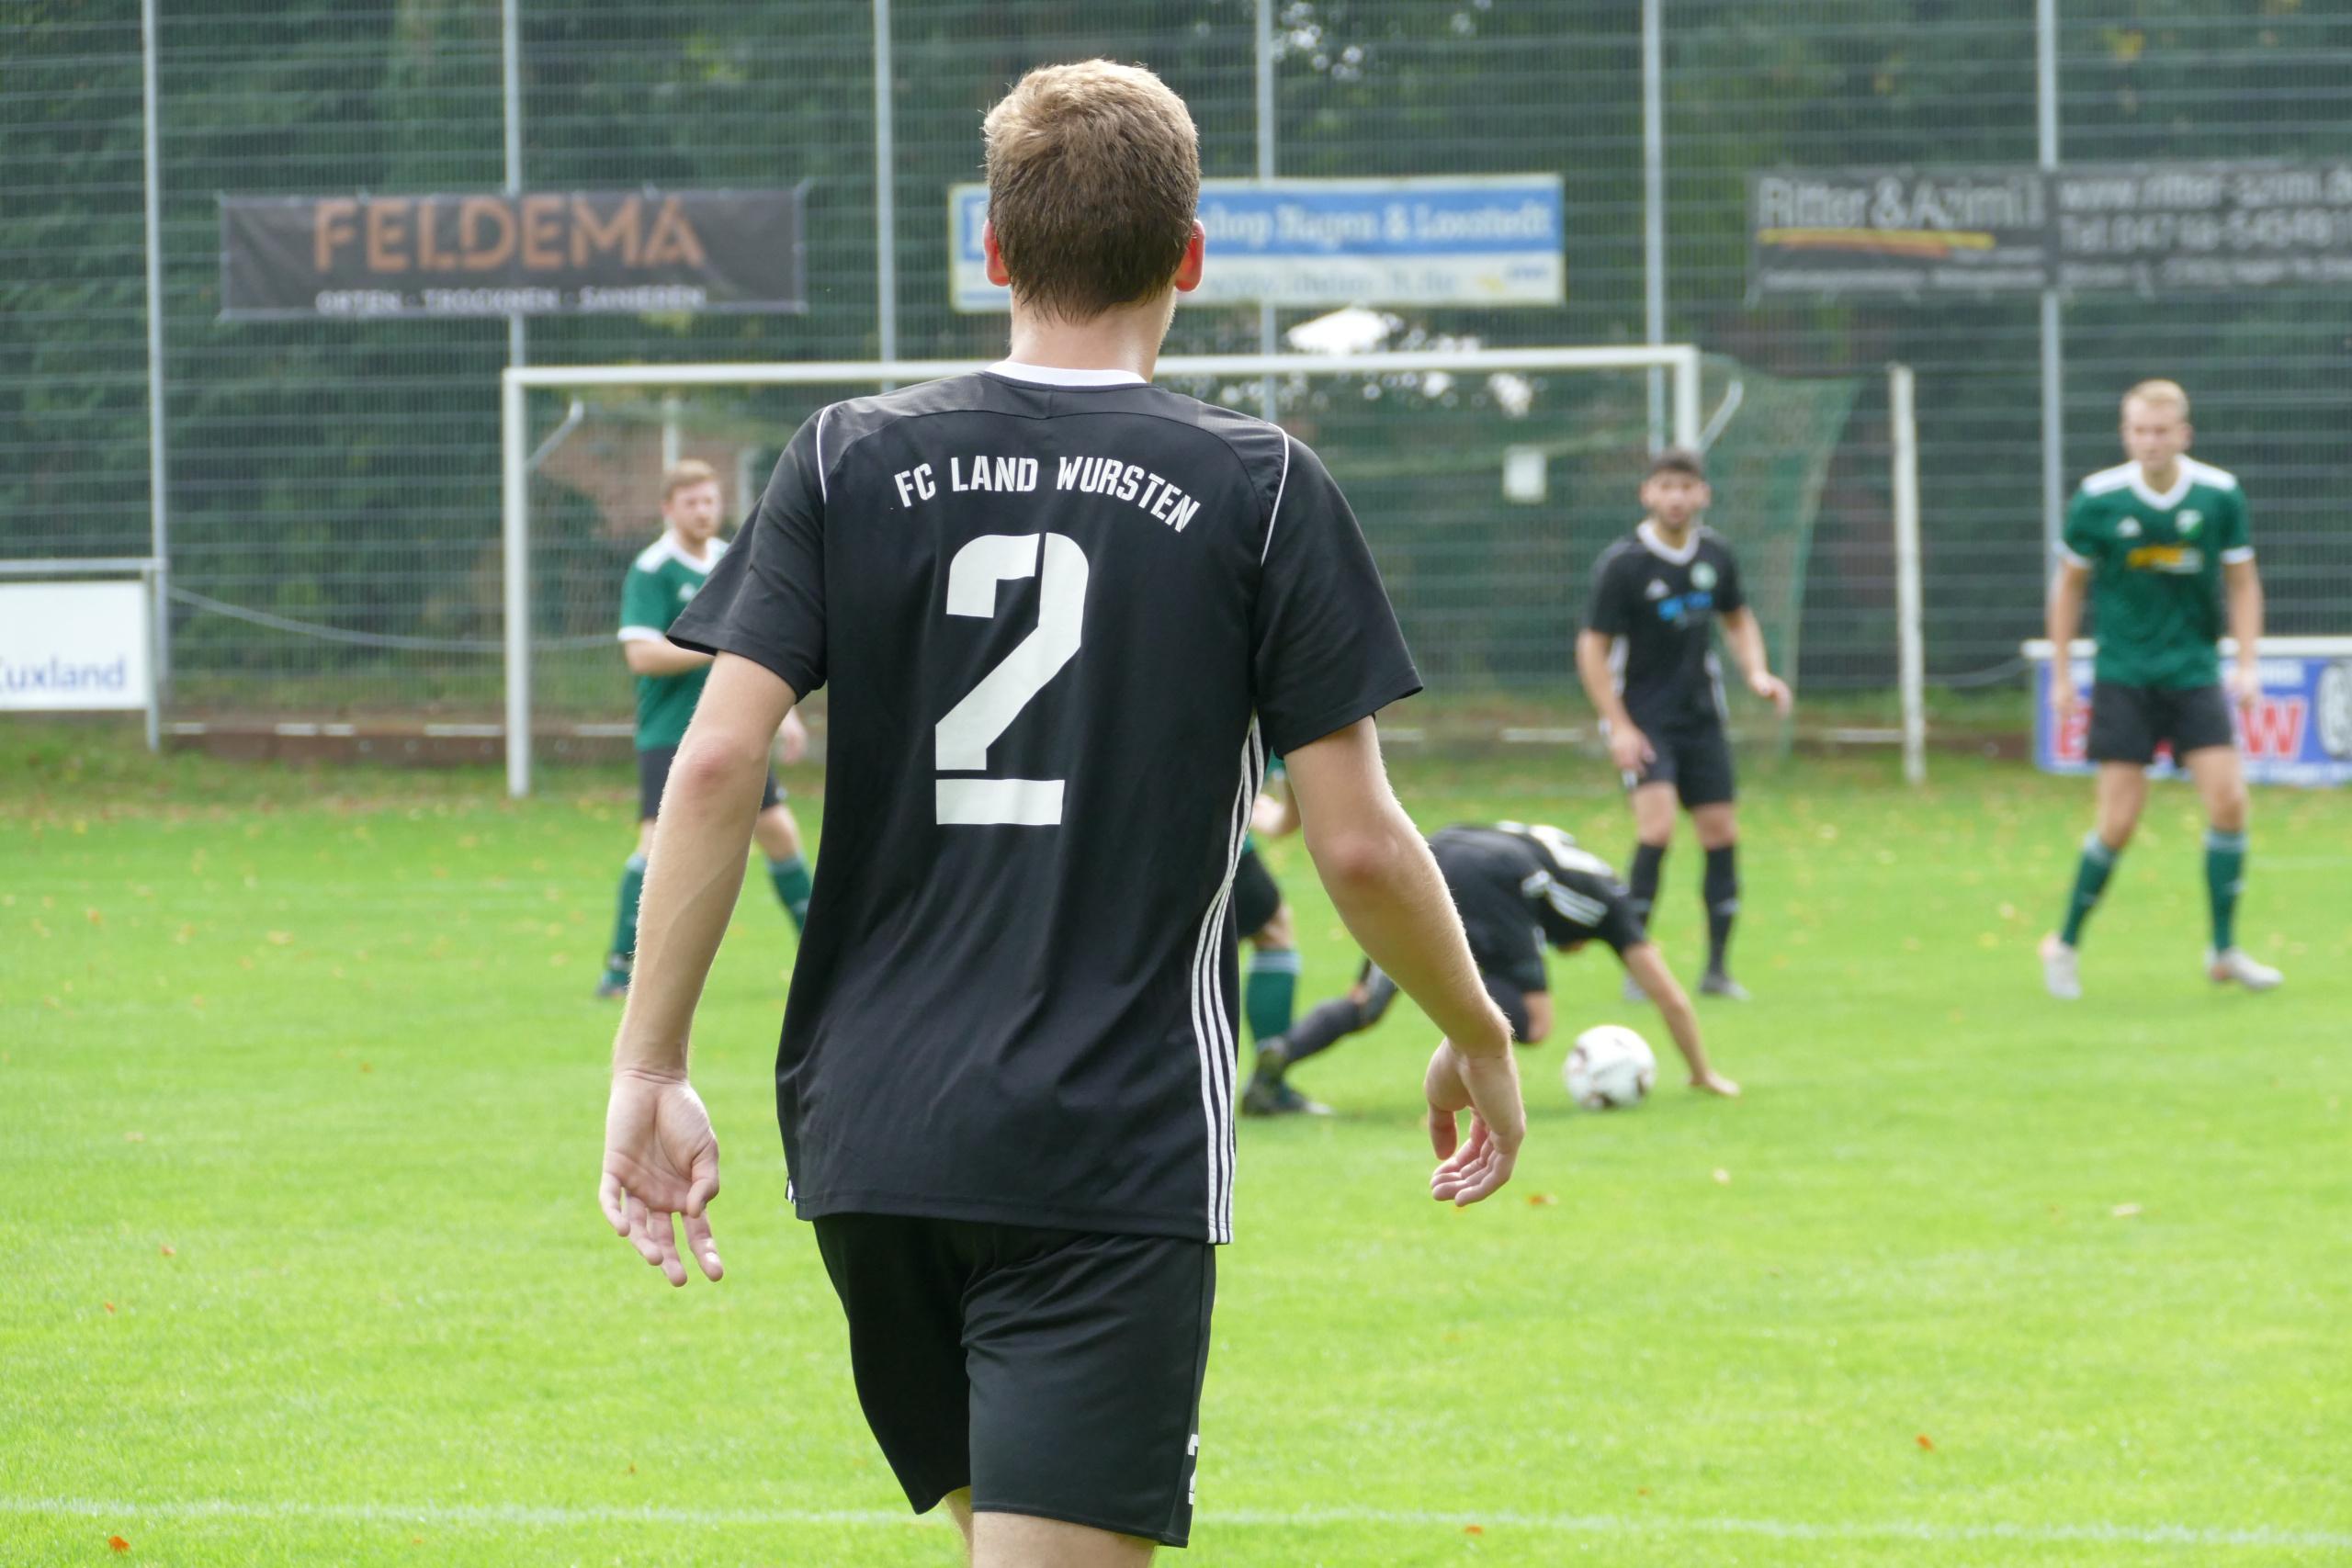 You are currently viewing Punktspiel (5. Spieltag) vom 12.09.21 in Hagen: FC Hagen/Uthlede II – FC Land Wursten 0:0 – Spielbericht und Bilder